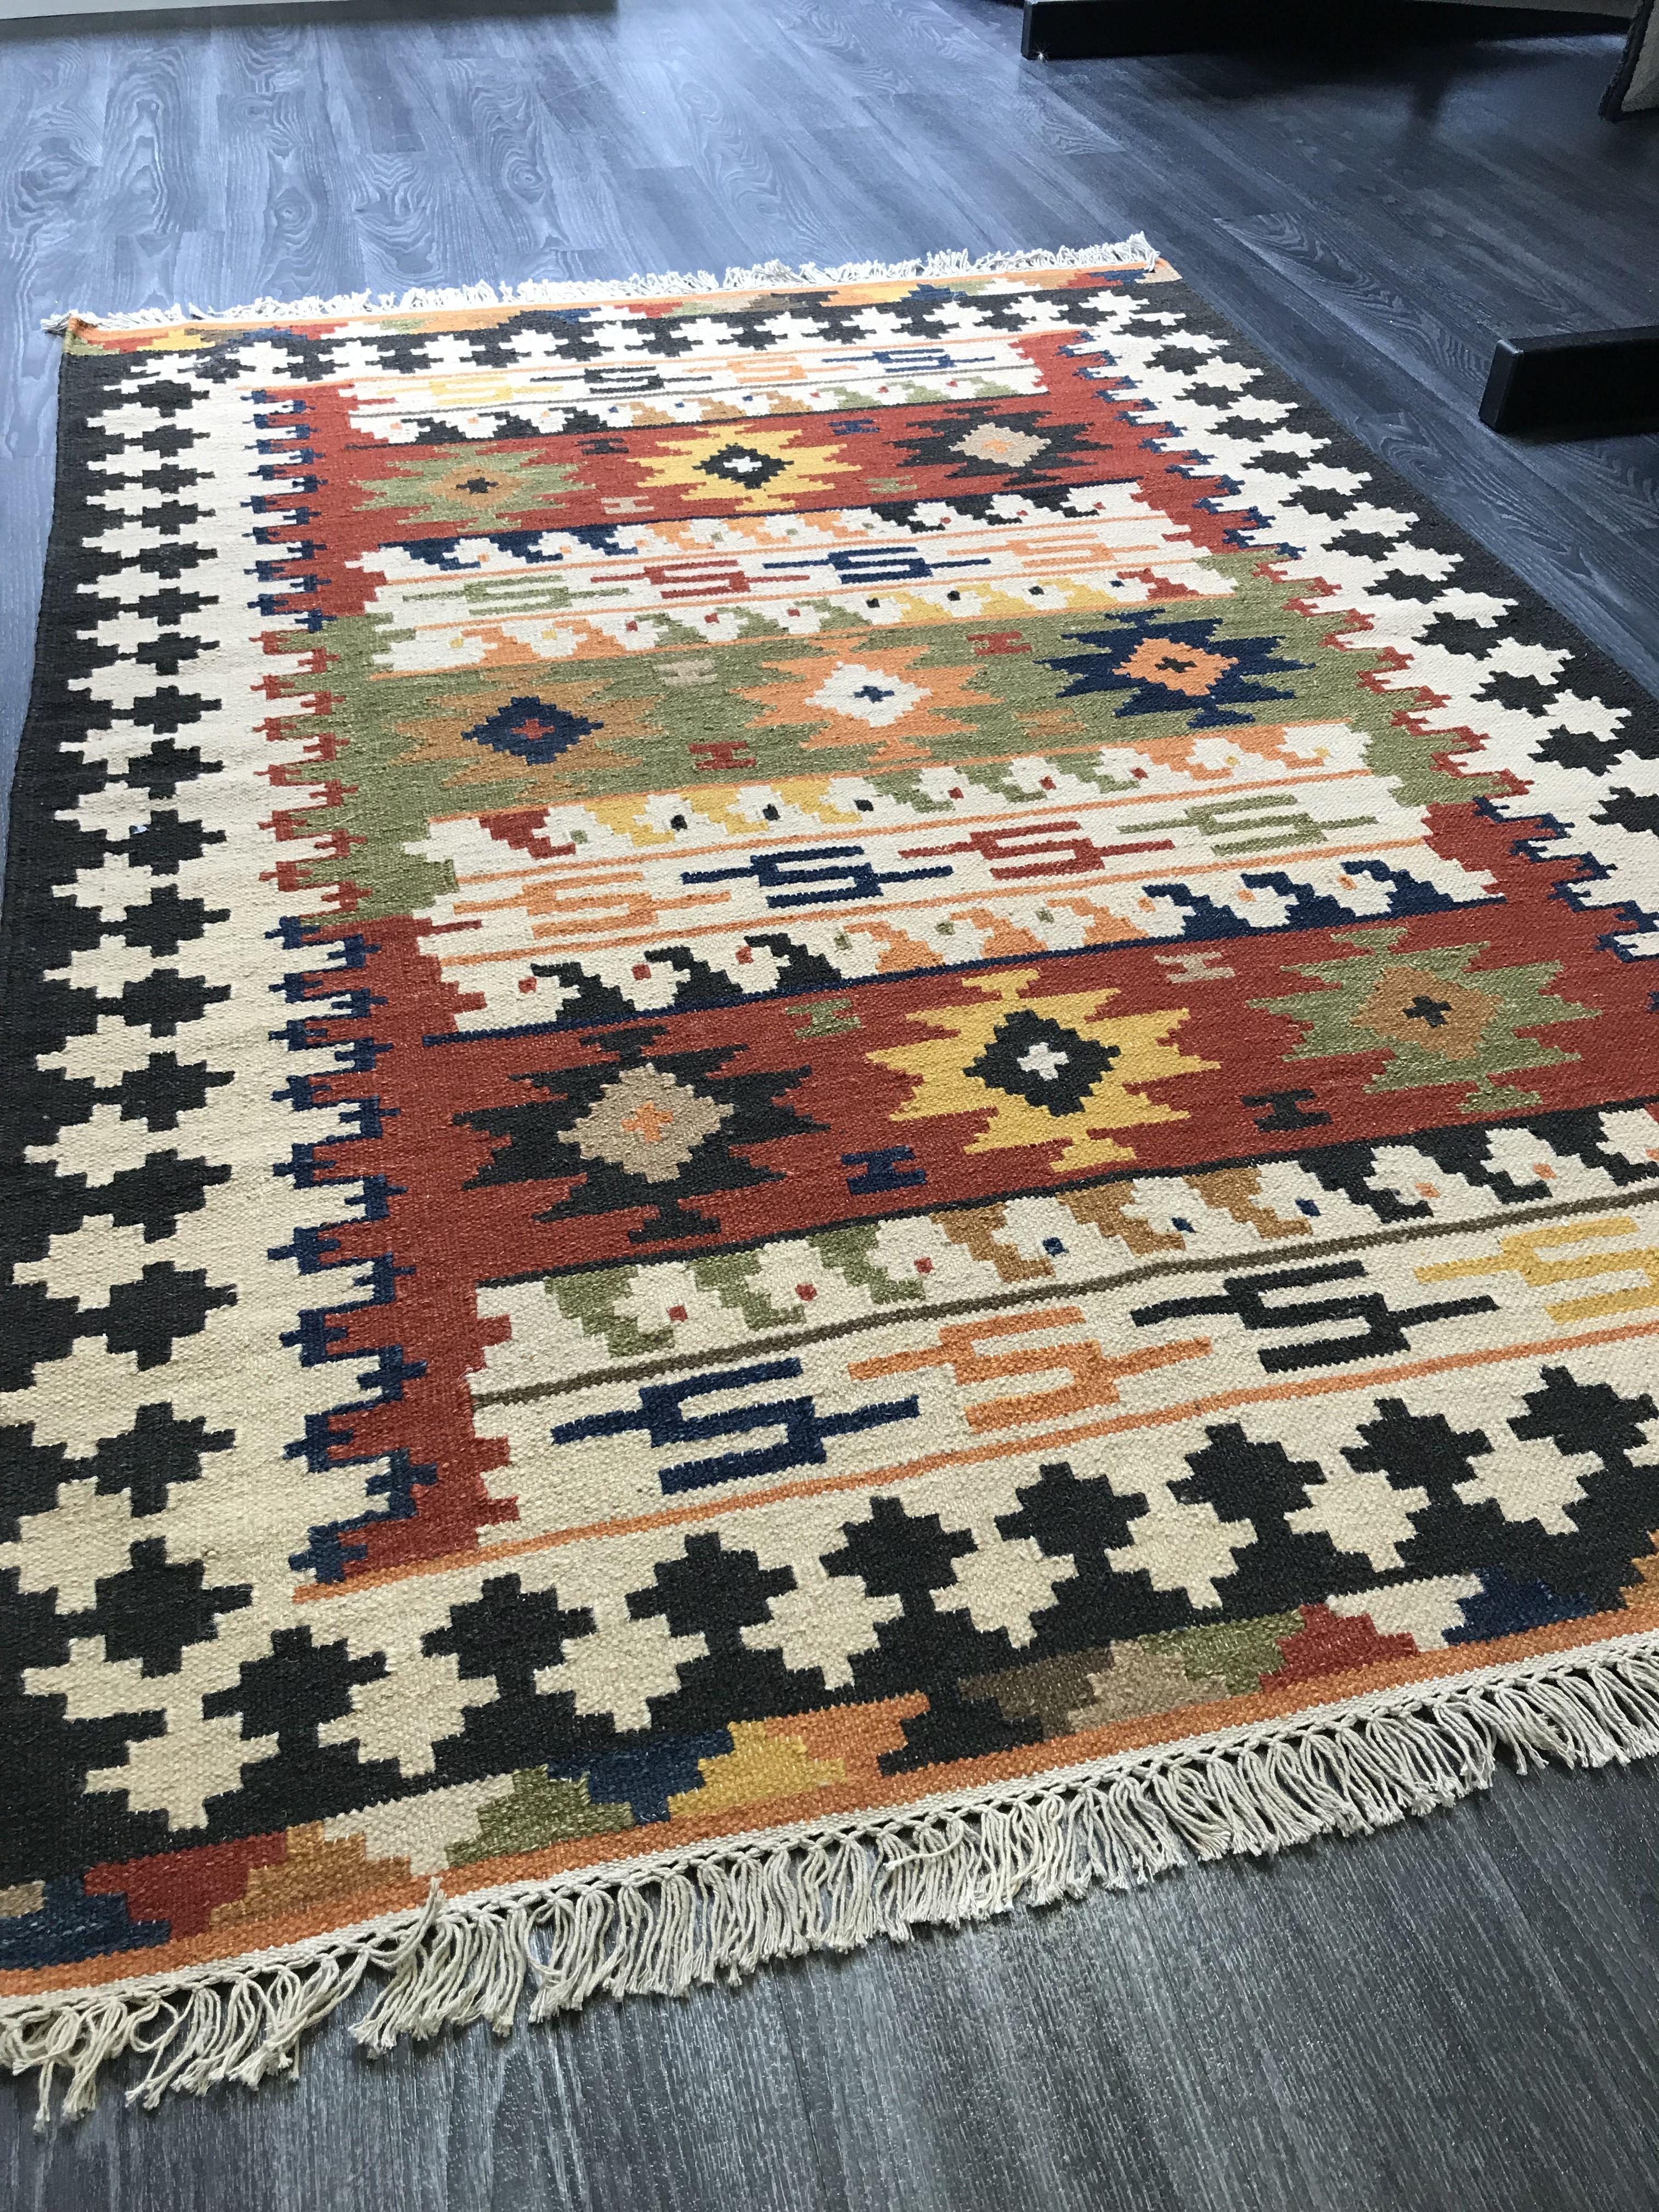 Qajar Rug Rugs Handmade Wool Rugs Style Carpet